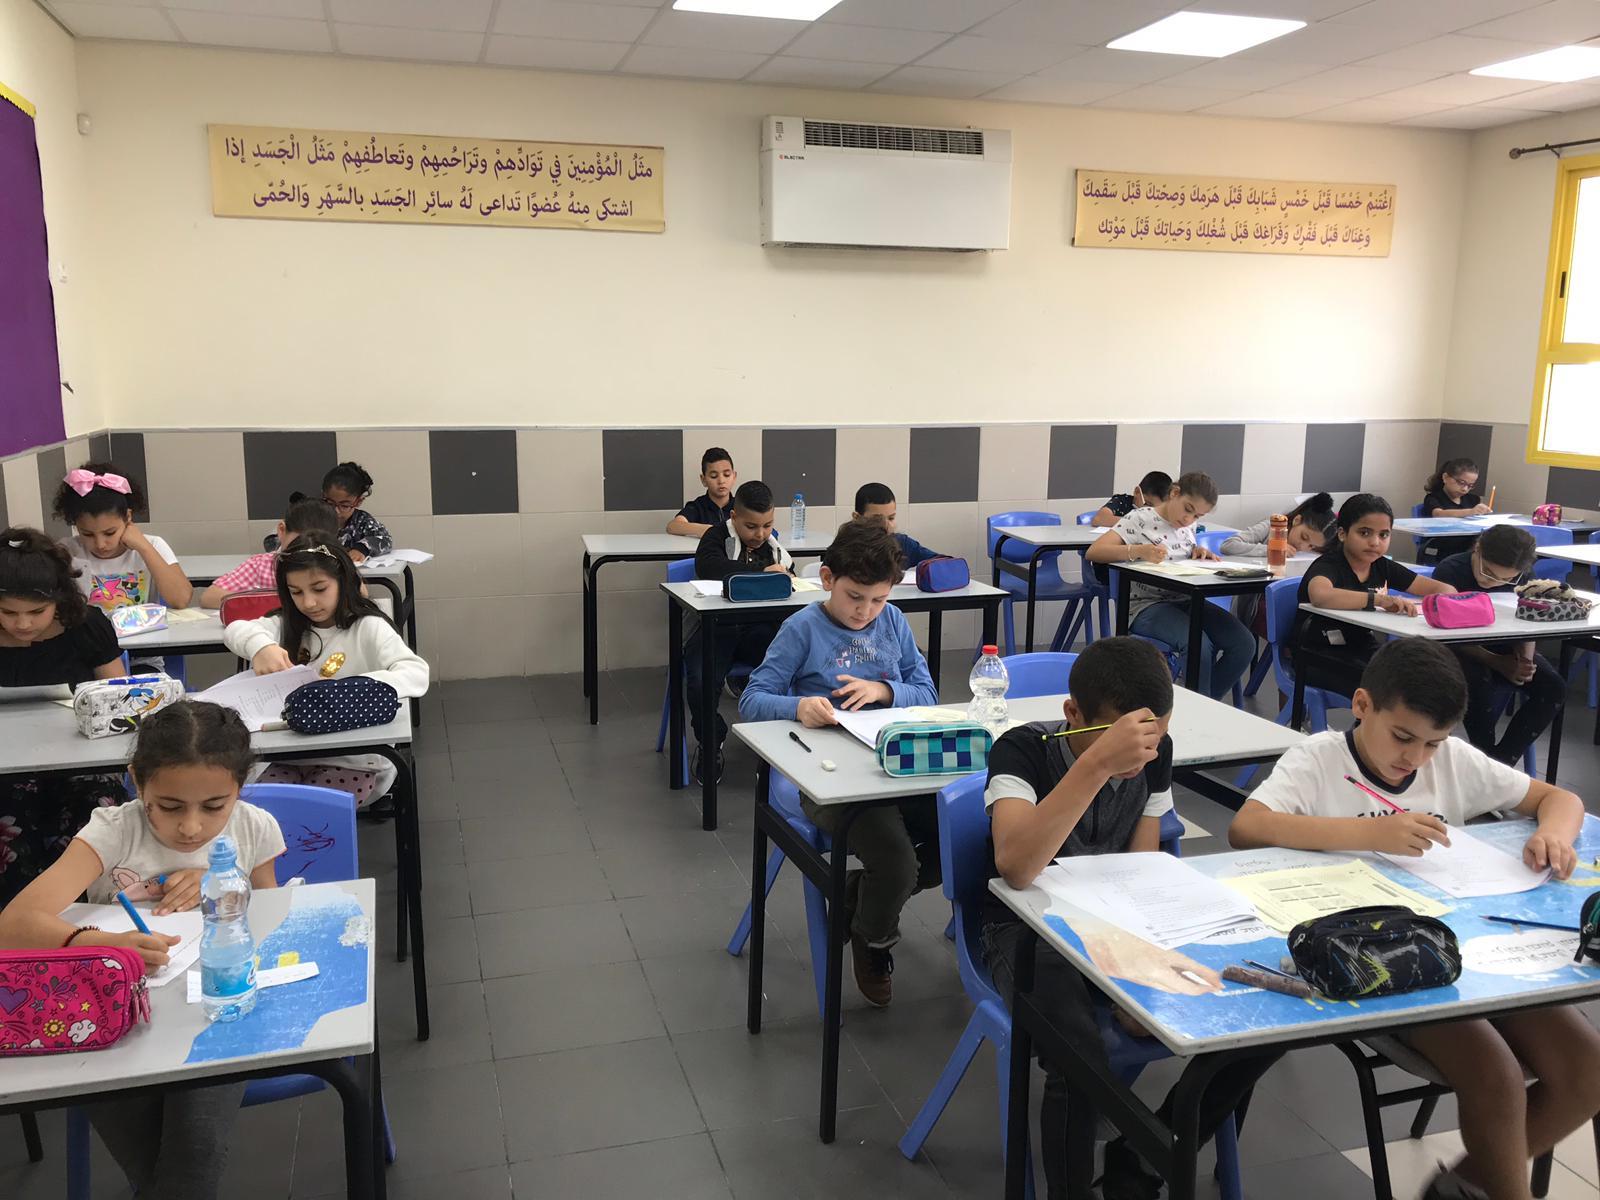 جَمعيَّة إبداع تُنظِّم مُسابقة اللُّغة العَربيَّة القُطريَّة العاشِرة